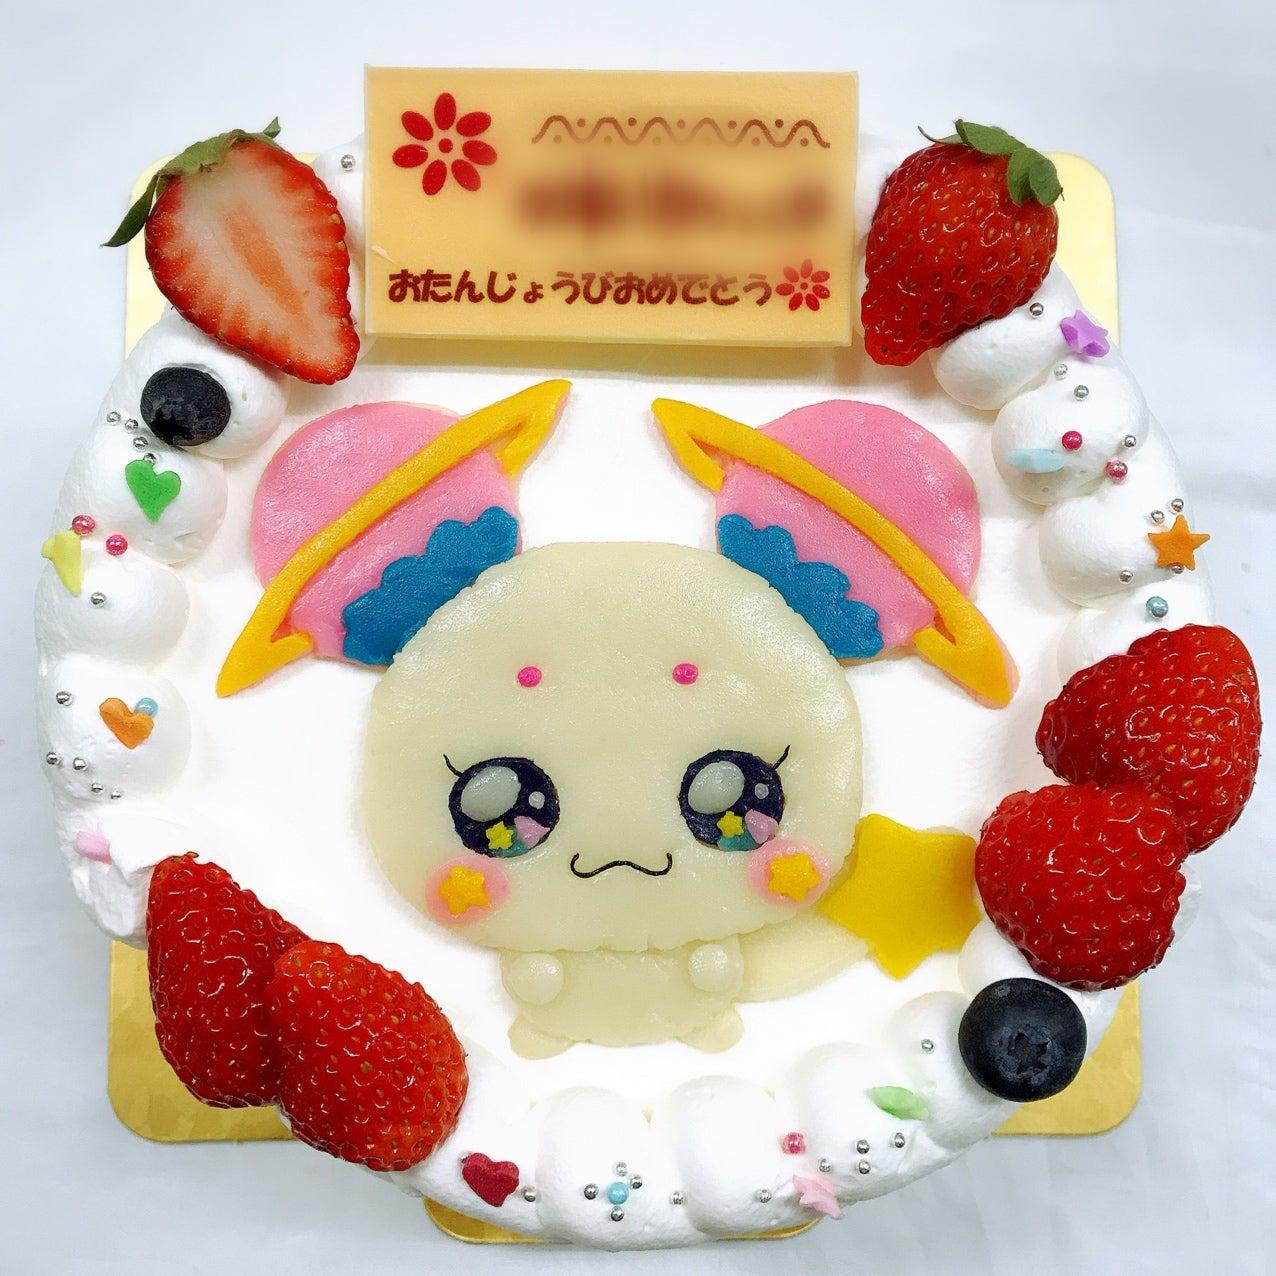 スタートゥインクルプリキュア フワケーキl 菓の香サプライズケーキ制作実績